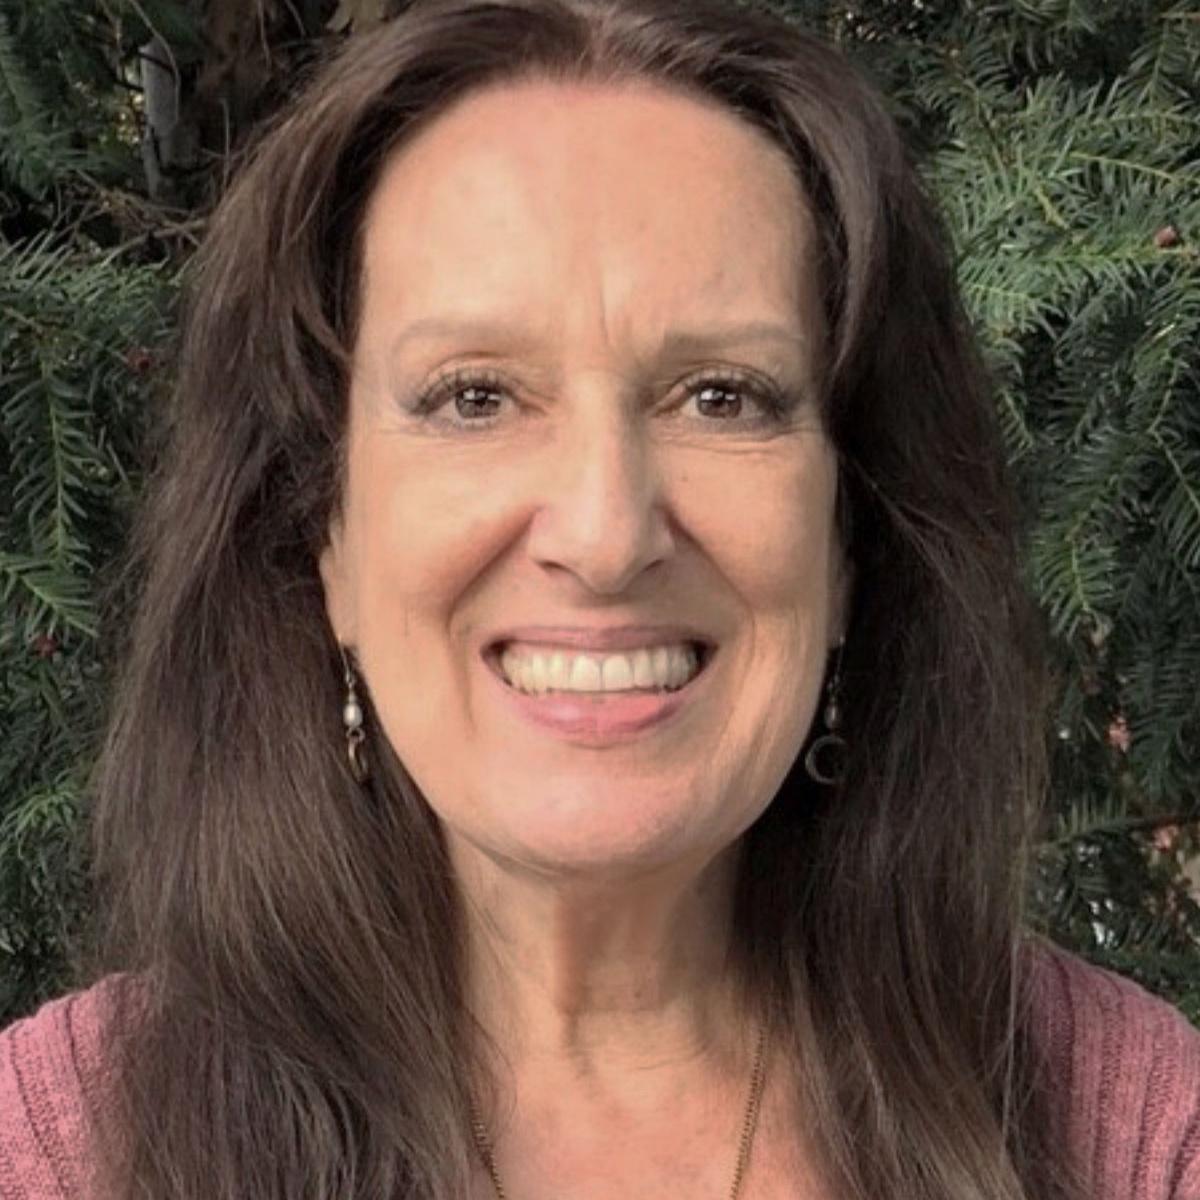 """Esther Paulussen, TM-Lehrerin, D/Sp    Esther Paulussen lernte TM 1974 in Arosa kennen, als Maharishi Mahesh Yogi dort für Hunderte Studenten aus aller Welt Kurse erteilte. Für Esther Paulussen war diese Meditation ein wundervolles """"Nachhausekommen"""". Sie war schnell entschlossen, ihren Lehrerberuf gegen den einer Meditationslehrerin zu tauschen. Ihr Schicksal bescherte ihr zunächst eine wunderbare Familie mit vier Kindern. Im Jahr 2005 konnte sie sich dann den Wunsch, die TM selber weiter geben zu können, zusammen mit ihrer Tochter, Jasmin Paulussen, der herzlichster Dank gebührt, erfüllen. Heute lehrt Esther Paulussen mit grosser Freude am TM-Center Basel und leitet dort die wöchentlichen Gruppenmeditationen.   esther.paulussen@tm-center.ch  +41 76 581 07 92"""